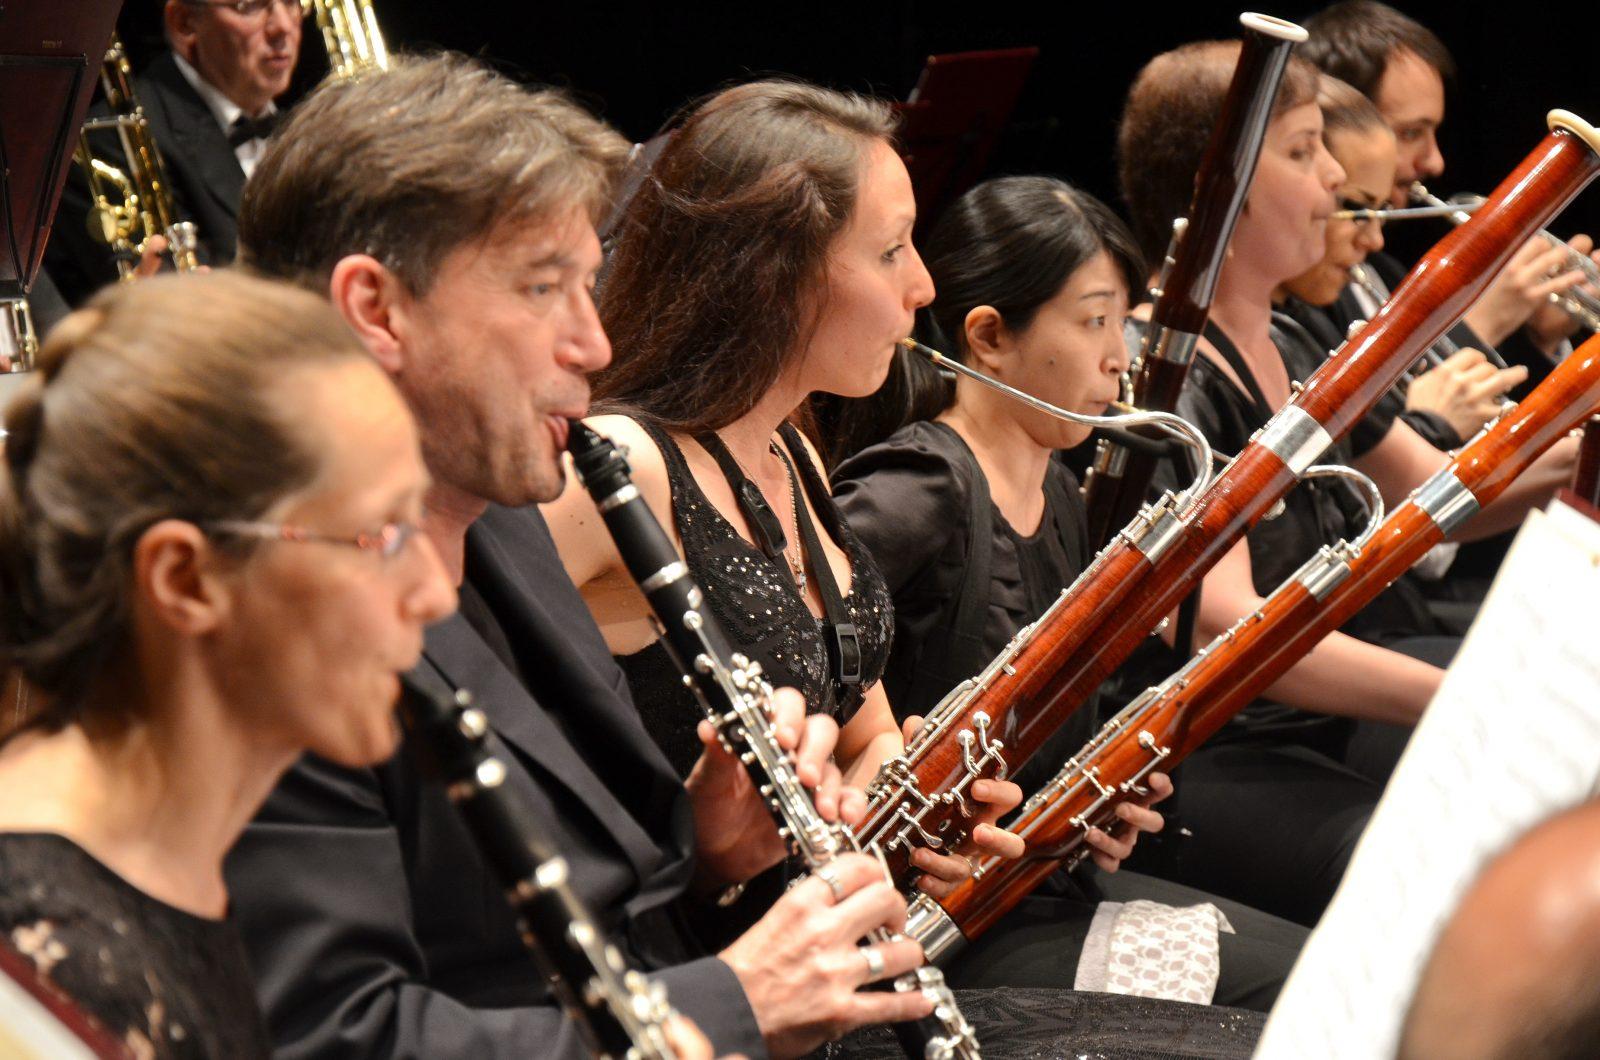 Nyárváró komolyzenei koncert a Szolnoki Szimfonikusokkal a MOMKultban